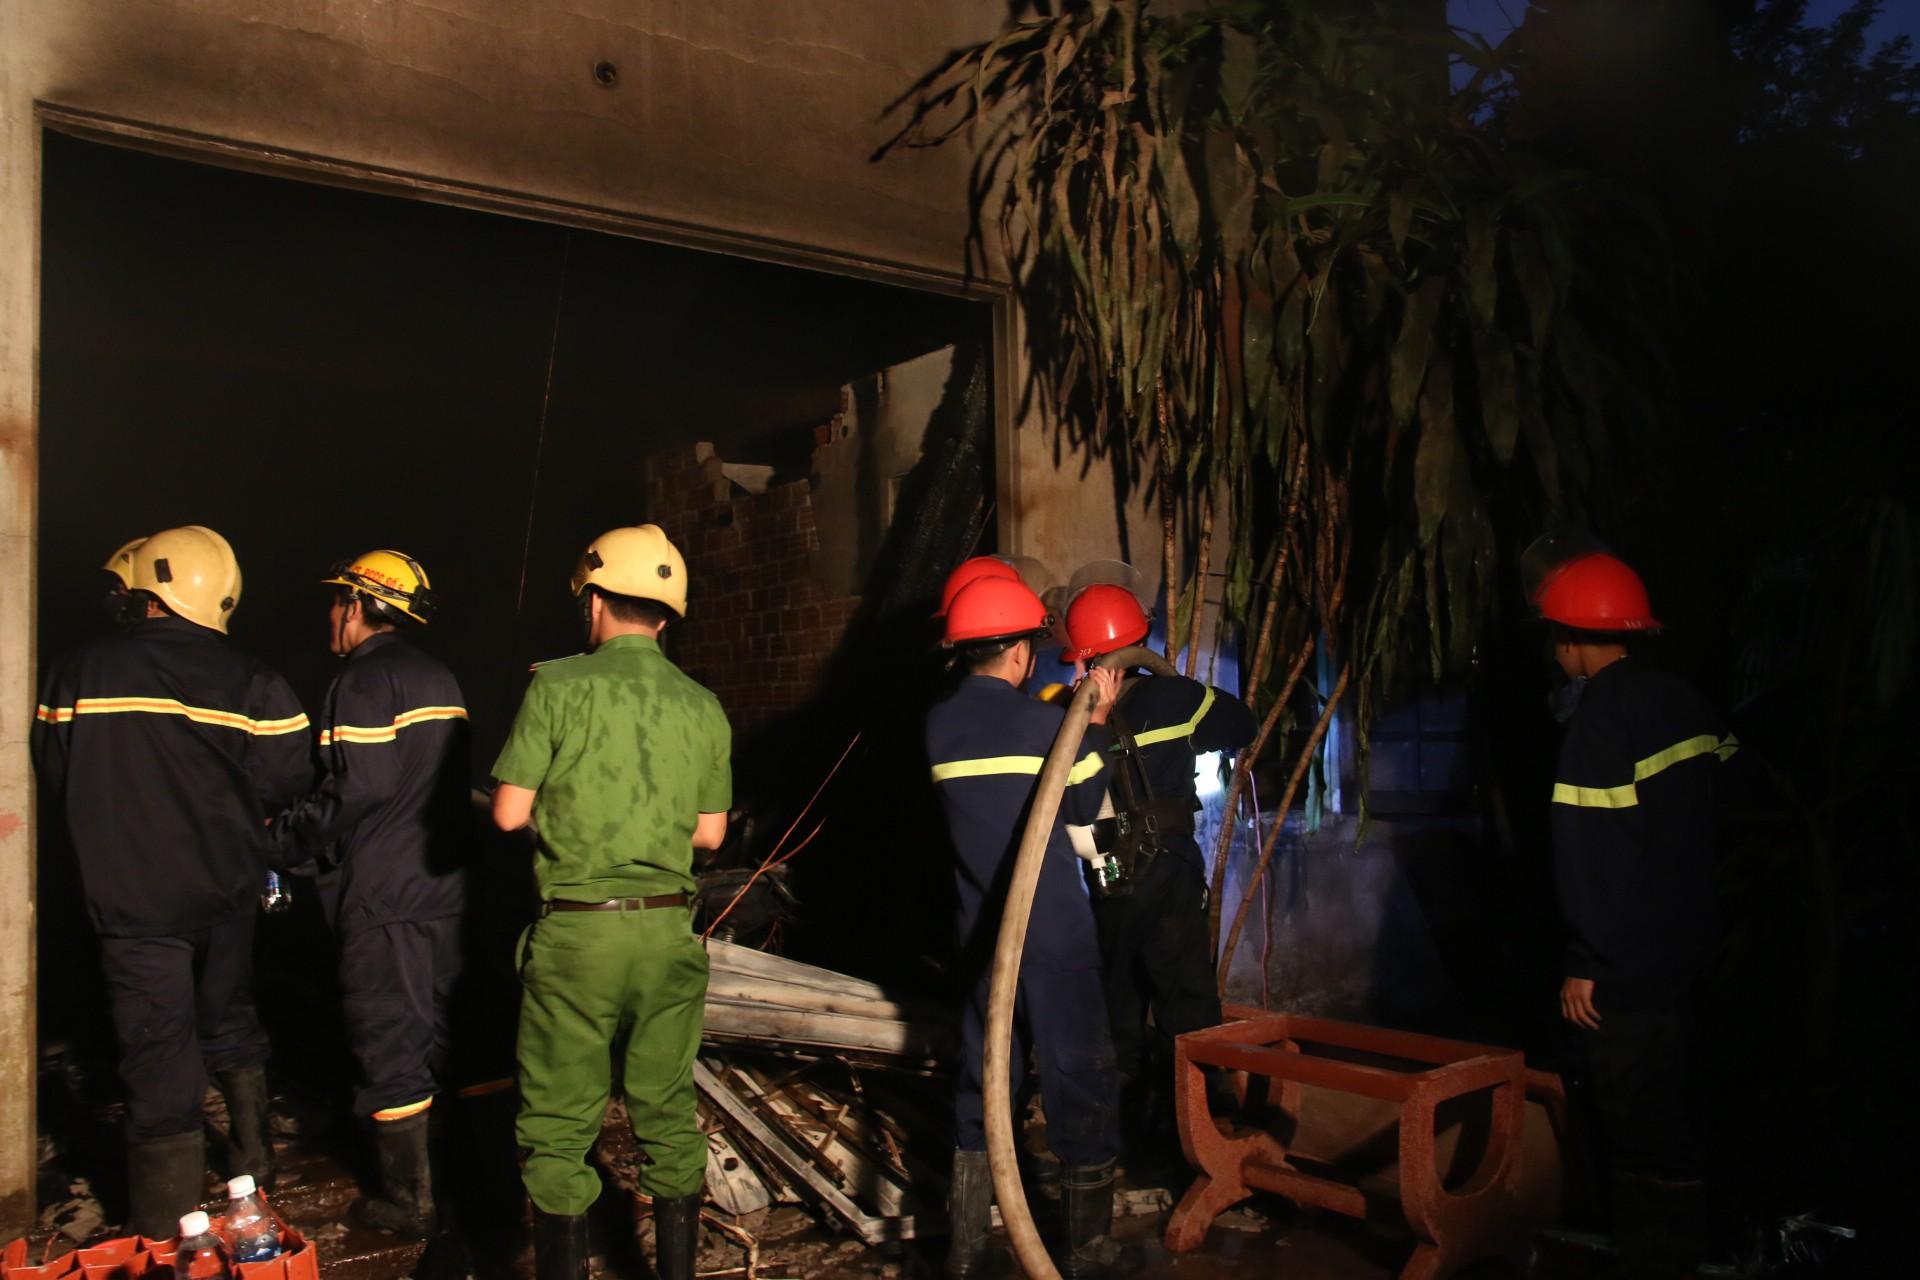 Đà Nẵng: Cháy lớn tại xưởng gỗ, hàng trăm cảnh sát PCCC được huy động dập lửa - Ảnh 3.